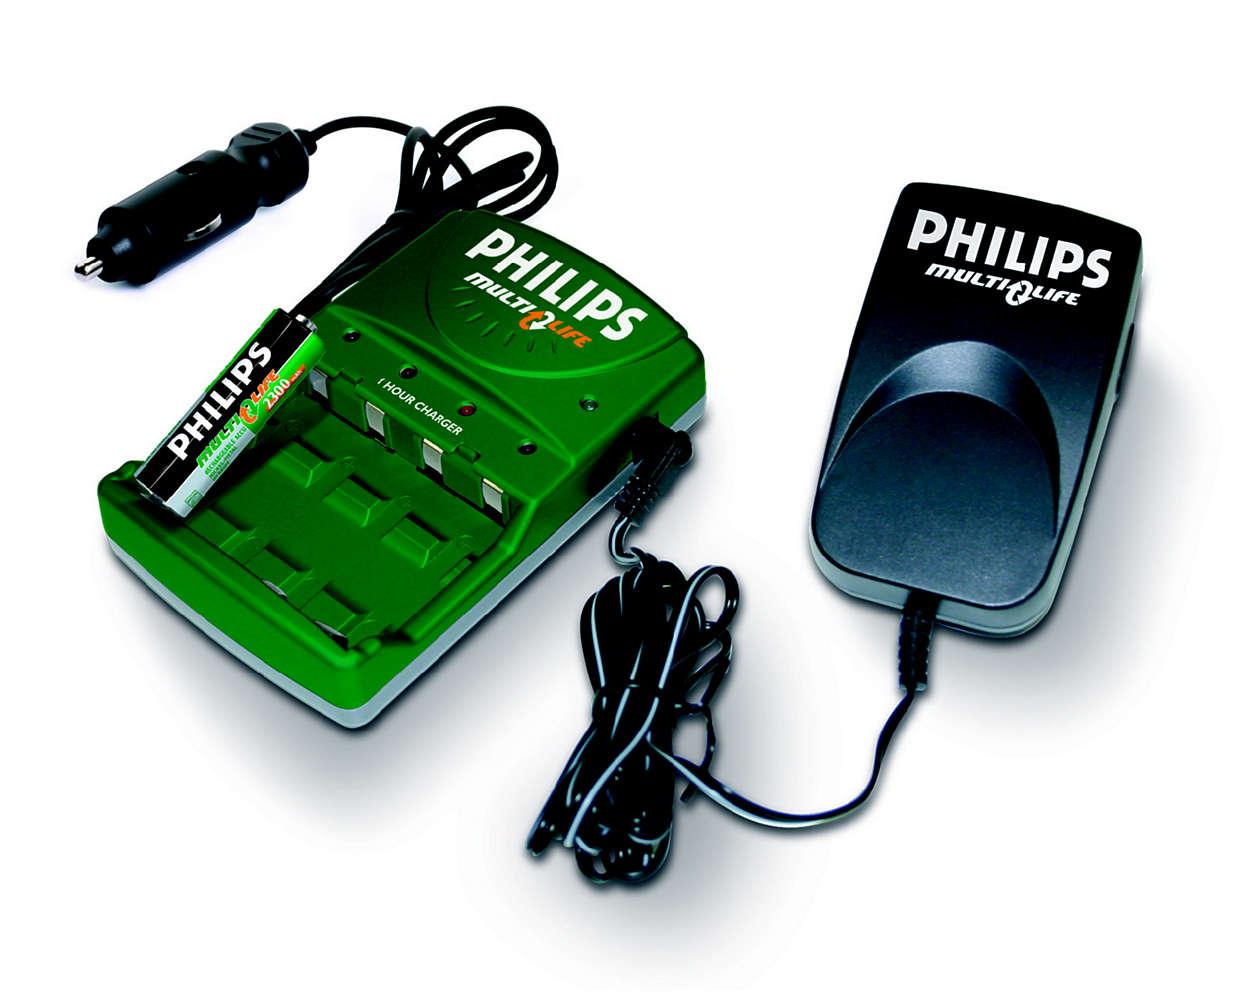 Laad 1 tot 4 batterijen in maximaal 45 minuten op